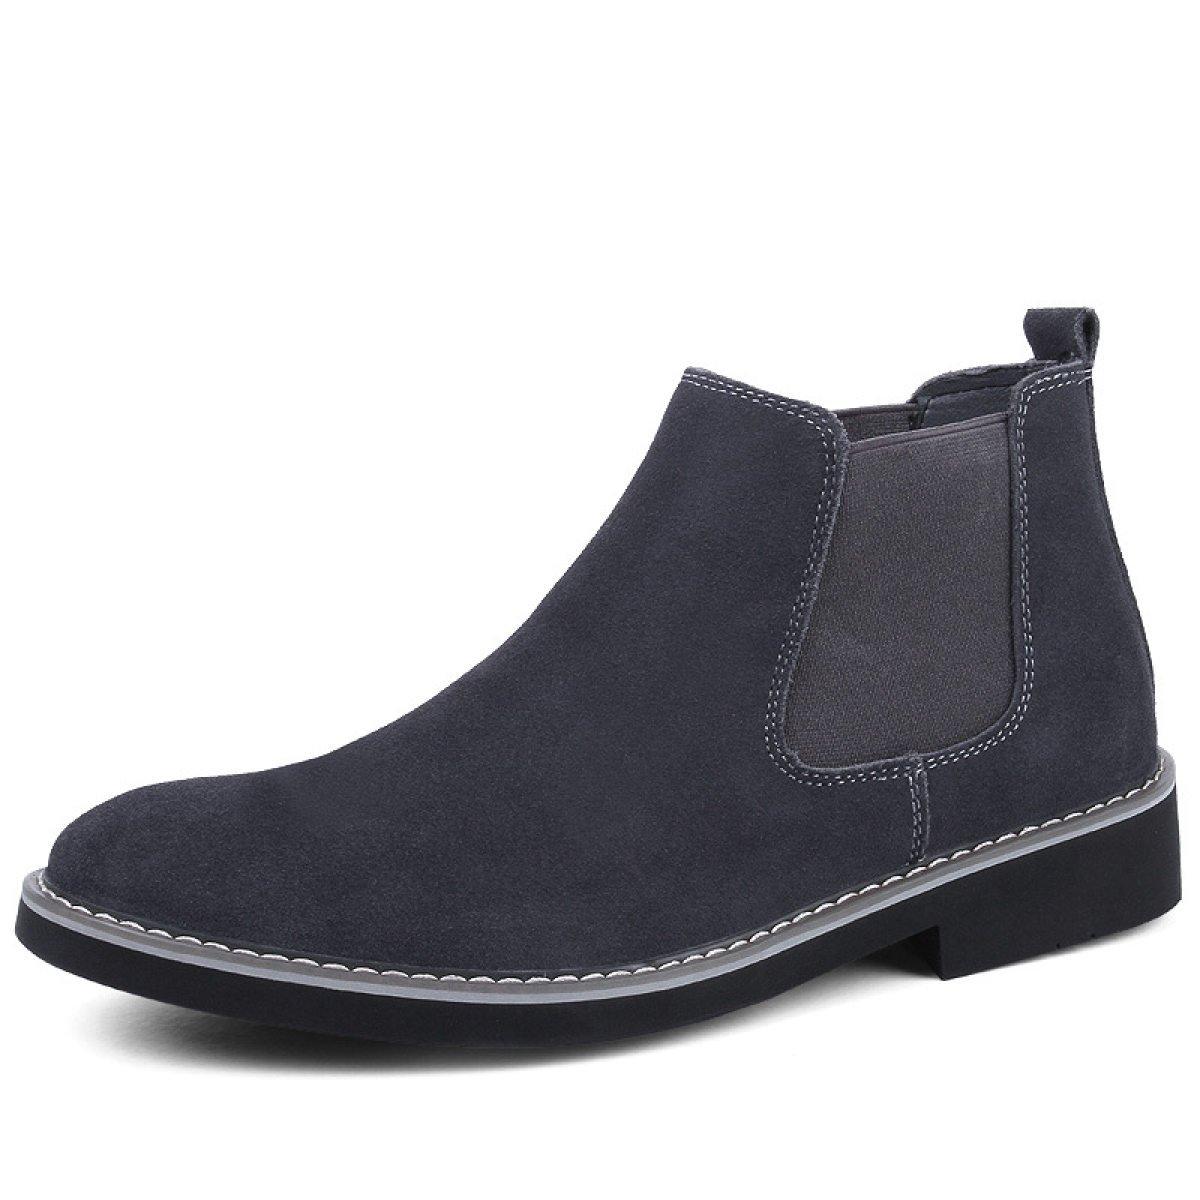 GTYMFH Herbst Werkzeug Schuhe Füße Männer Plus Samt Warm In Der Hilfe Schuhe England Retro Stiefel